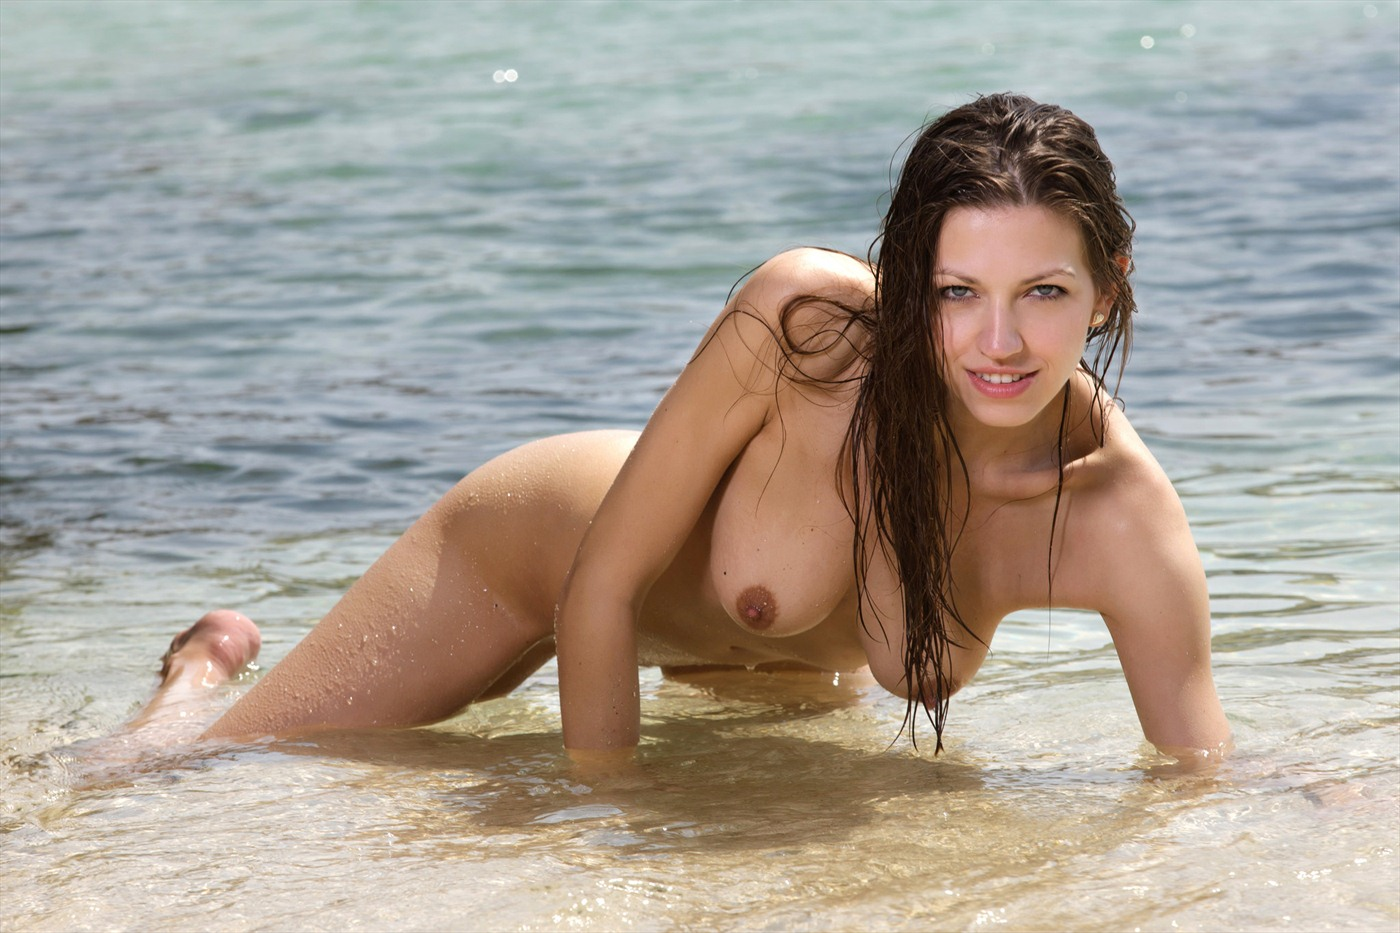 Эротические девушки в купальниках, Девушки в прозрачных купальниках на пляже 20 фотография